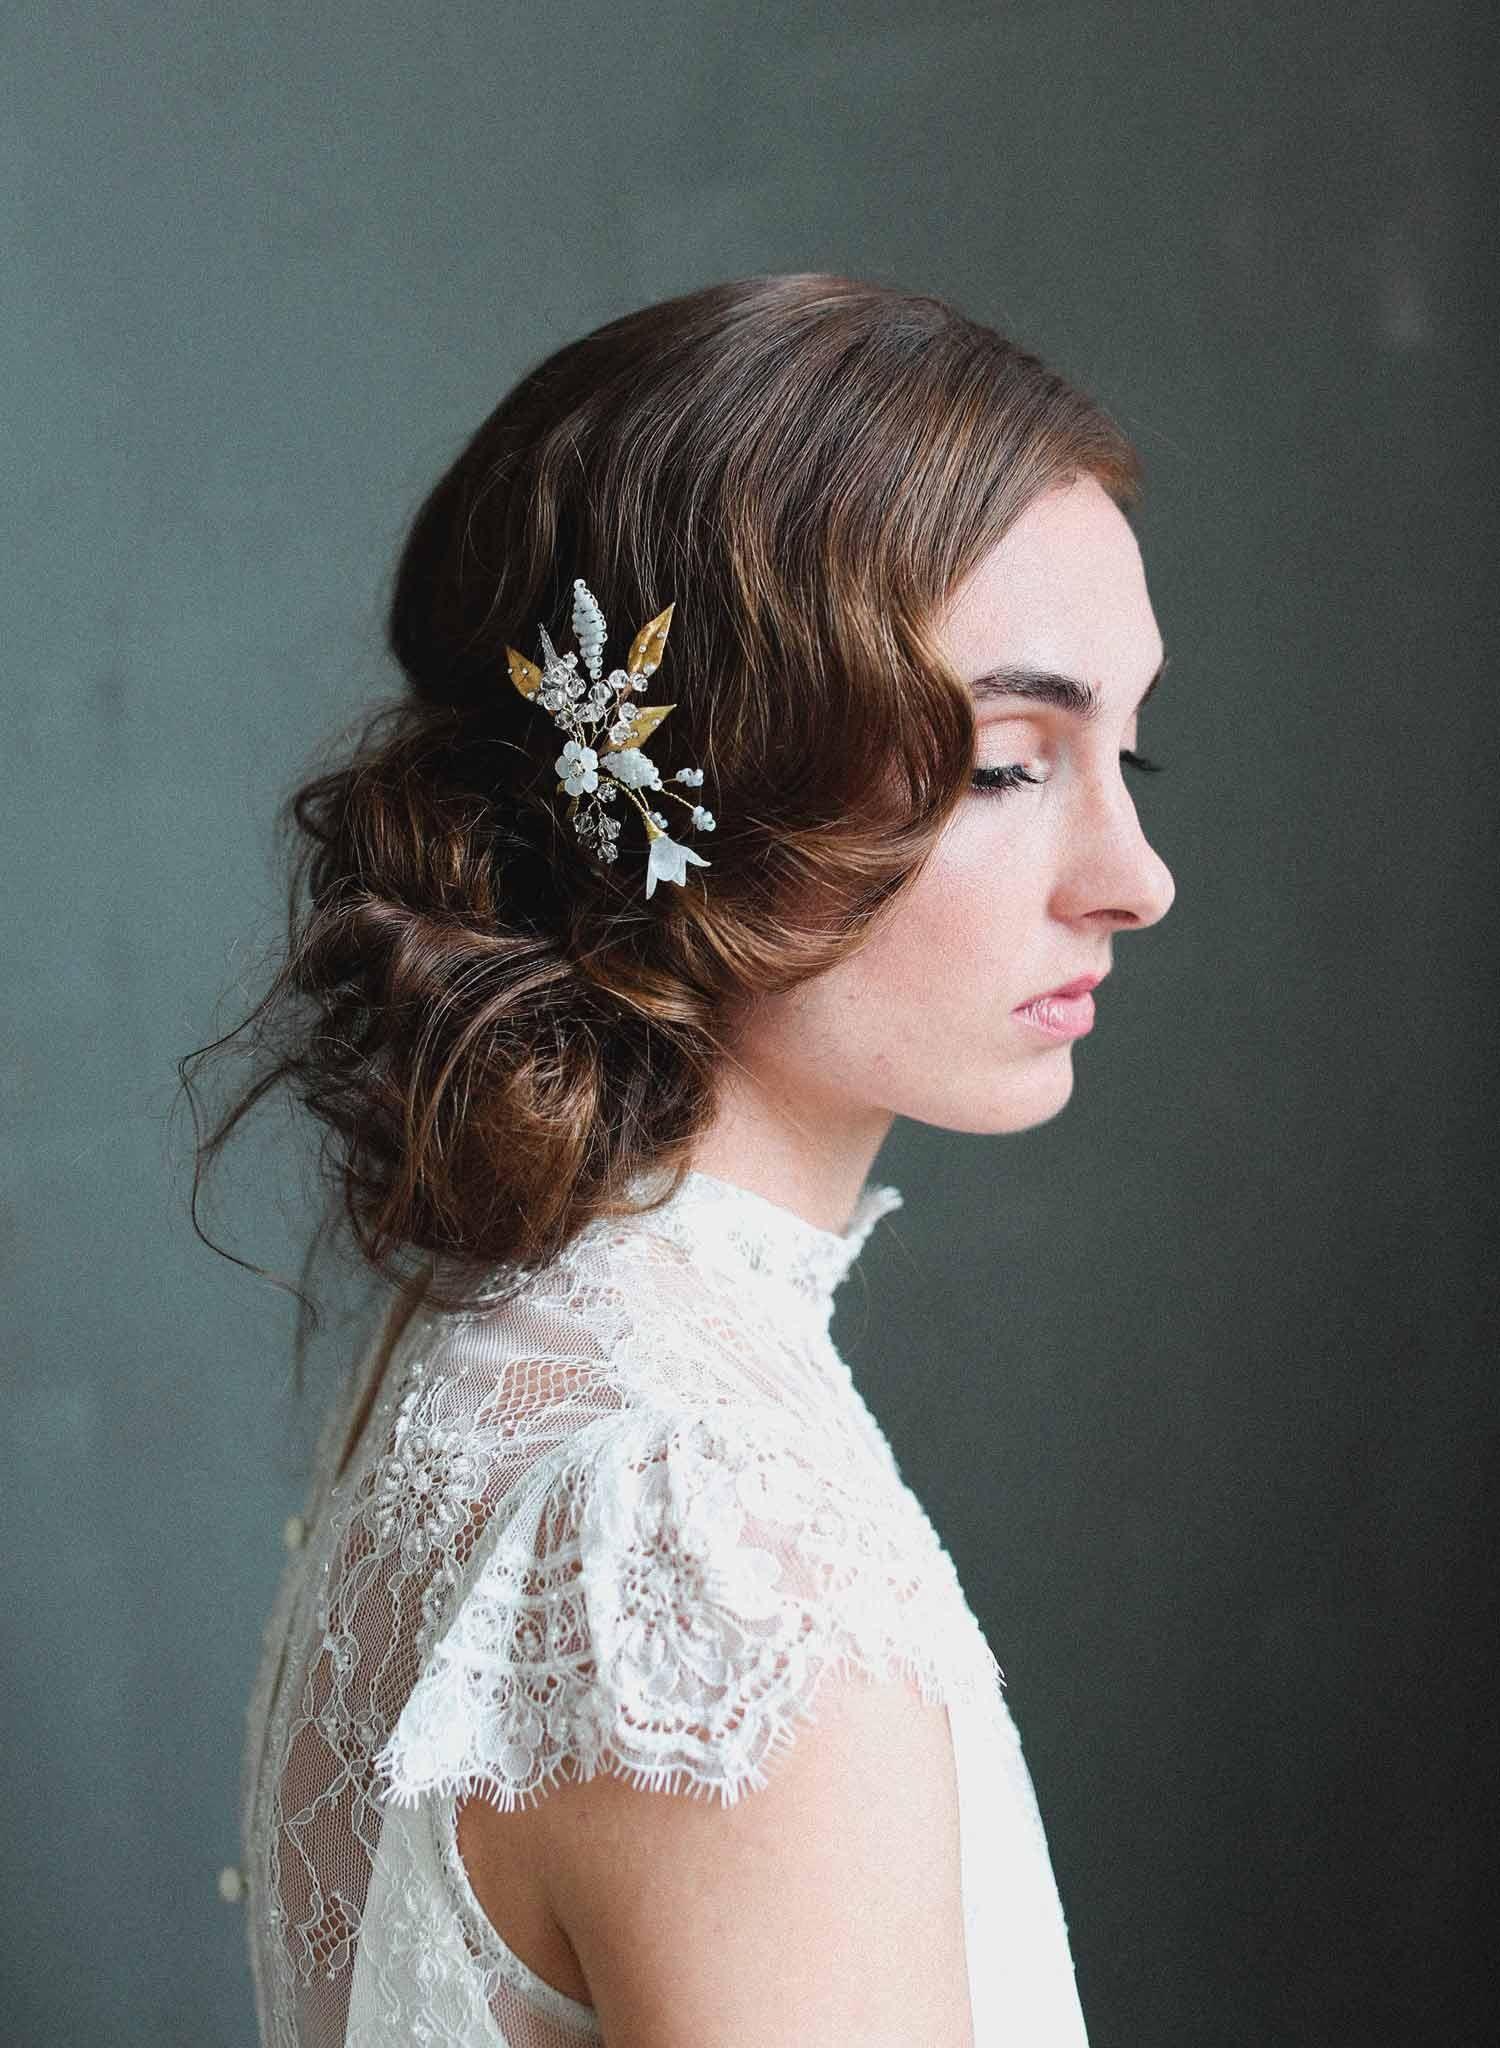 bridal hair pin - charming blossom hair pin - style #715